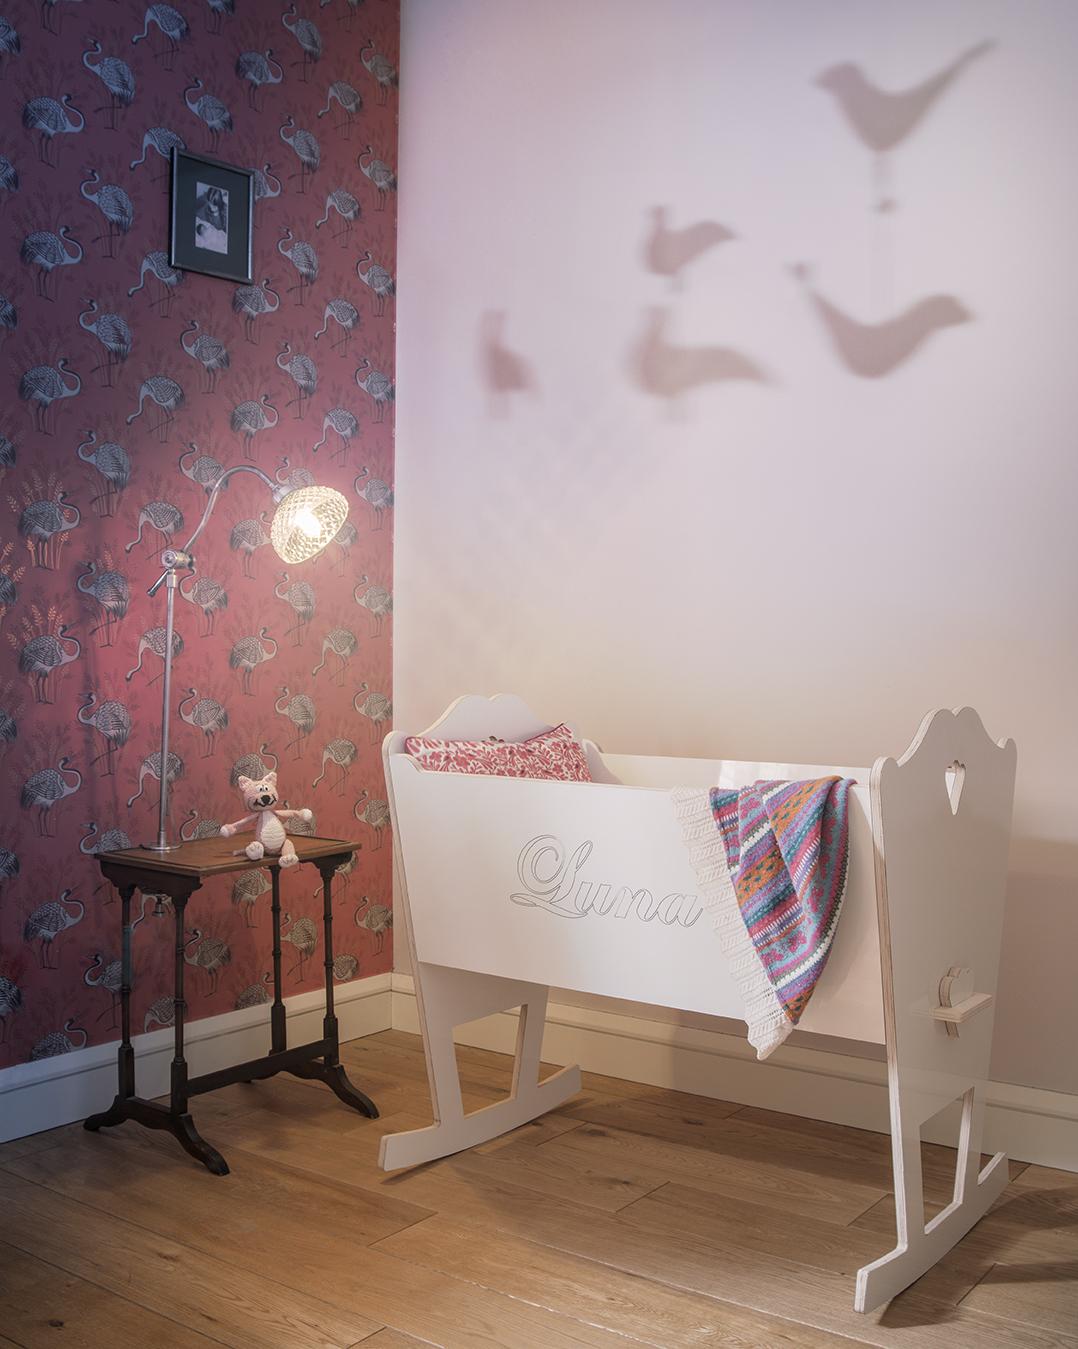 kolyska_luna_design_dla_dzieci_nowoczesna_klasyka_luksusowa_newborn_home_decor